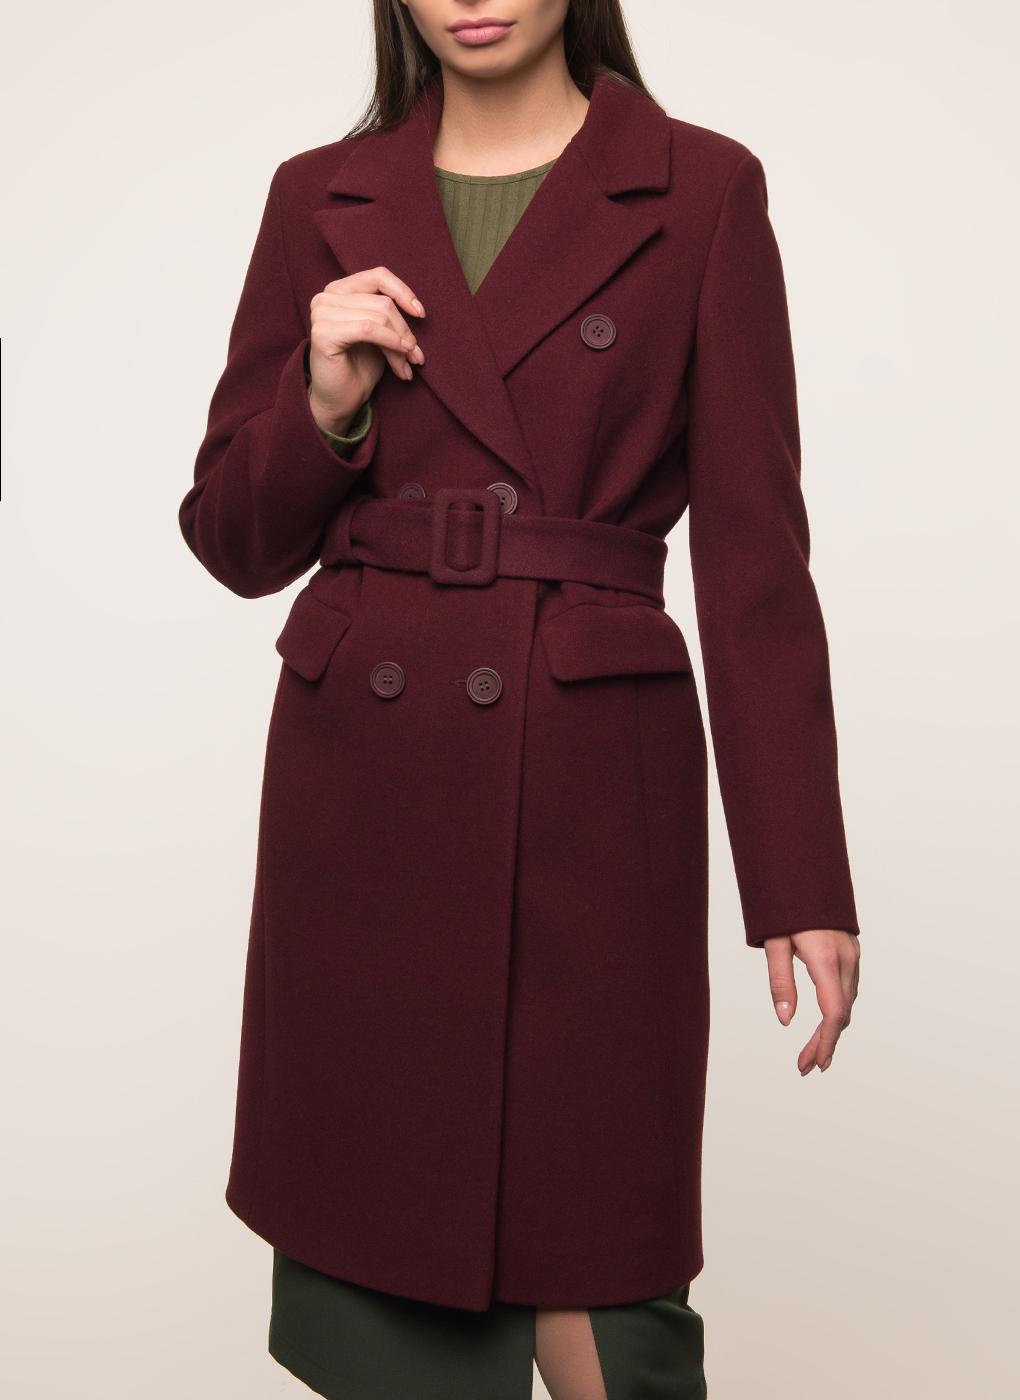 Пальто полушерстяное 45, Заря Моды фото